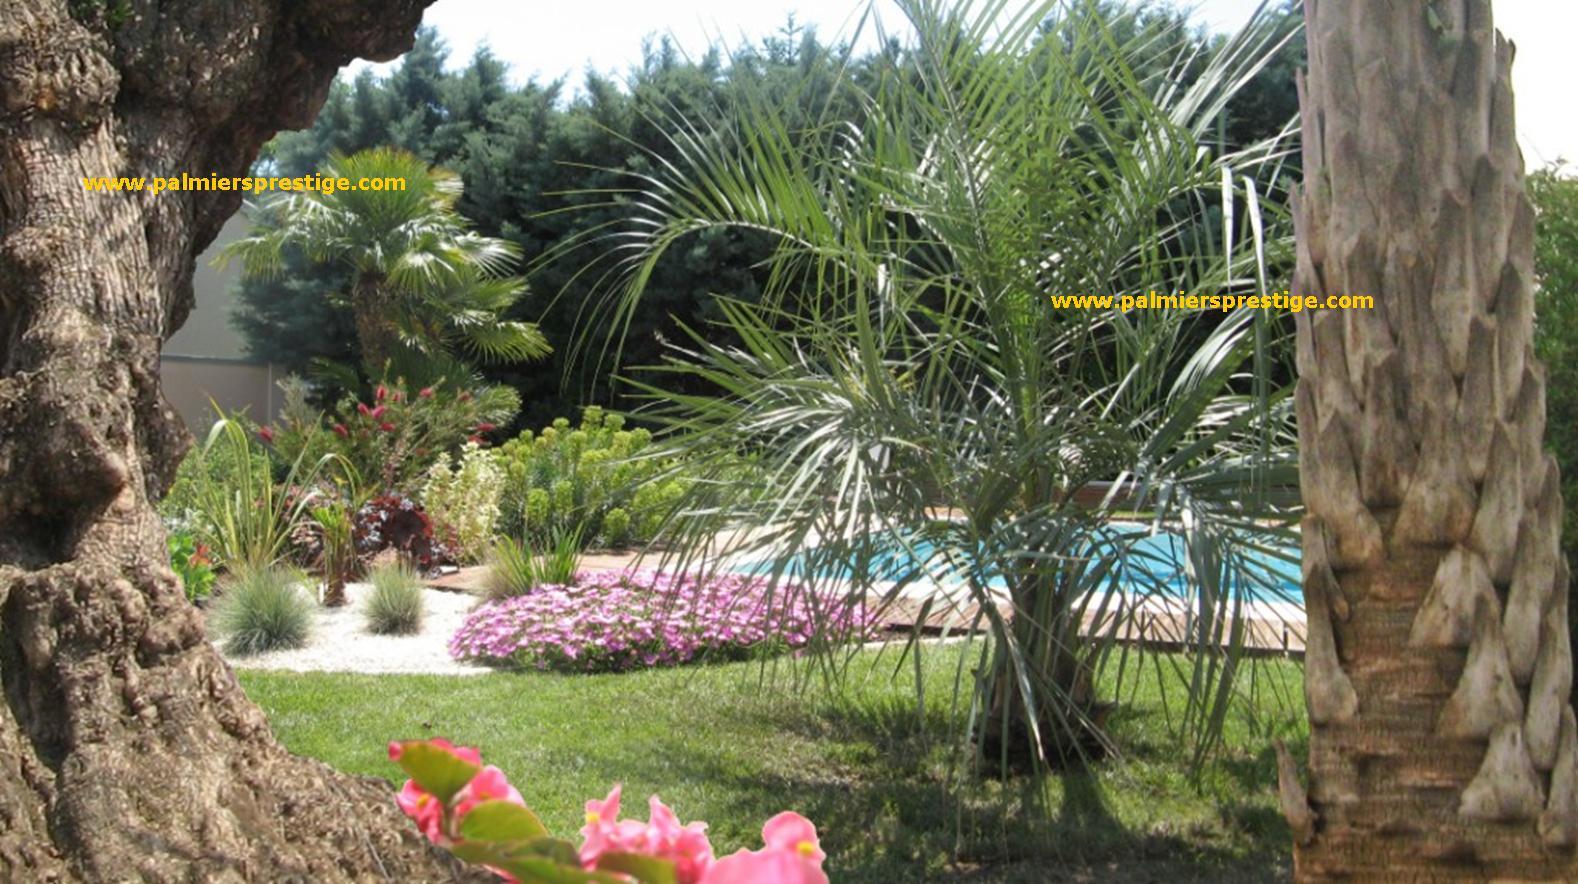 Palmiers prestige vente de palmiers et cocotiers d for Quel palmier en pot exterieur